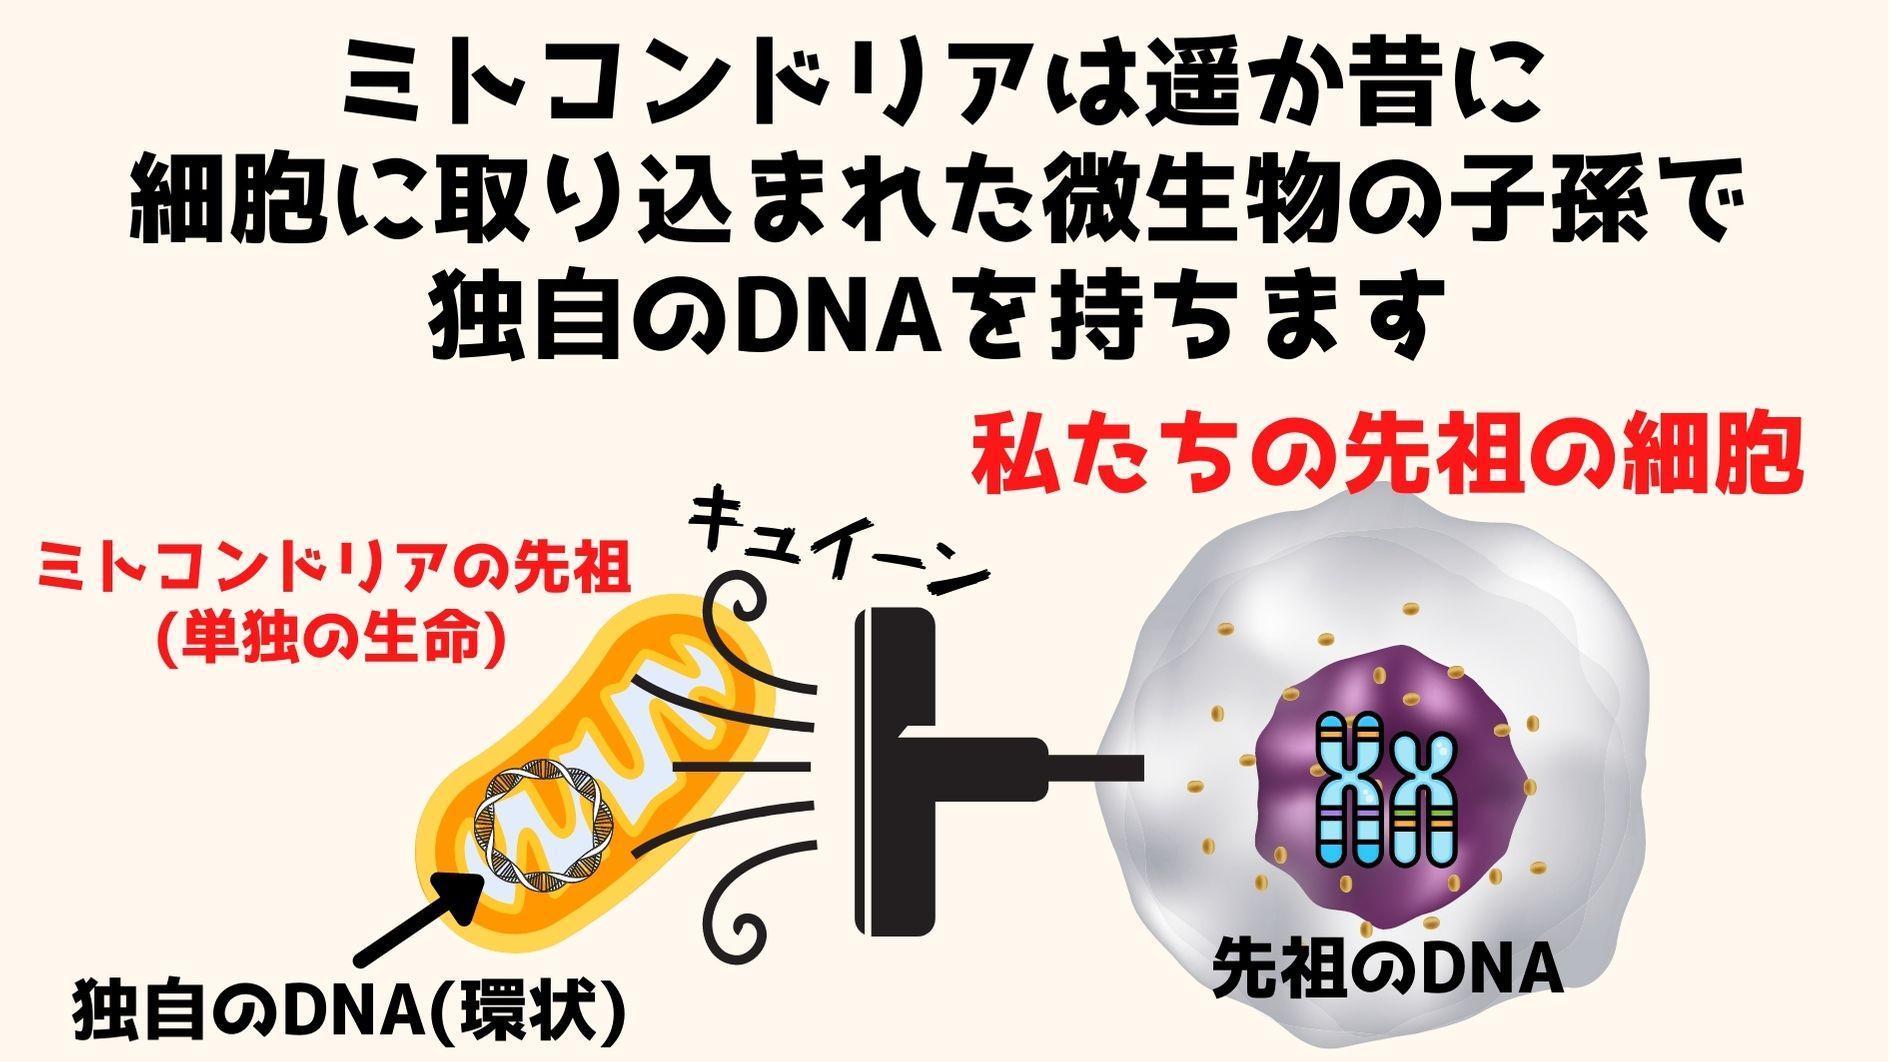 私たちの先祖は酸素呼吸能力をミトコンドリアを取り込むことで獲得し、真核生物へと進化した